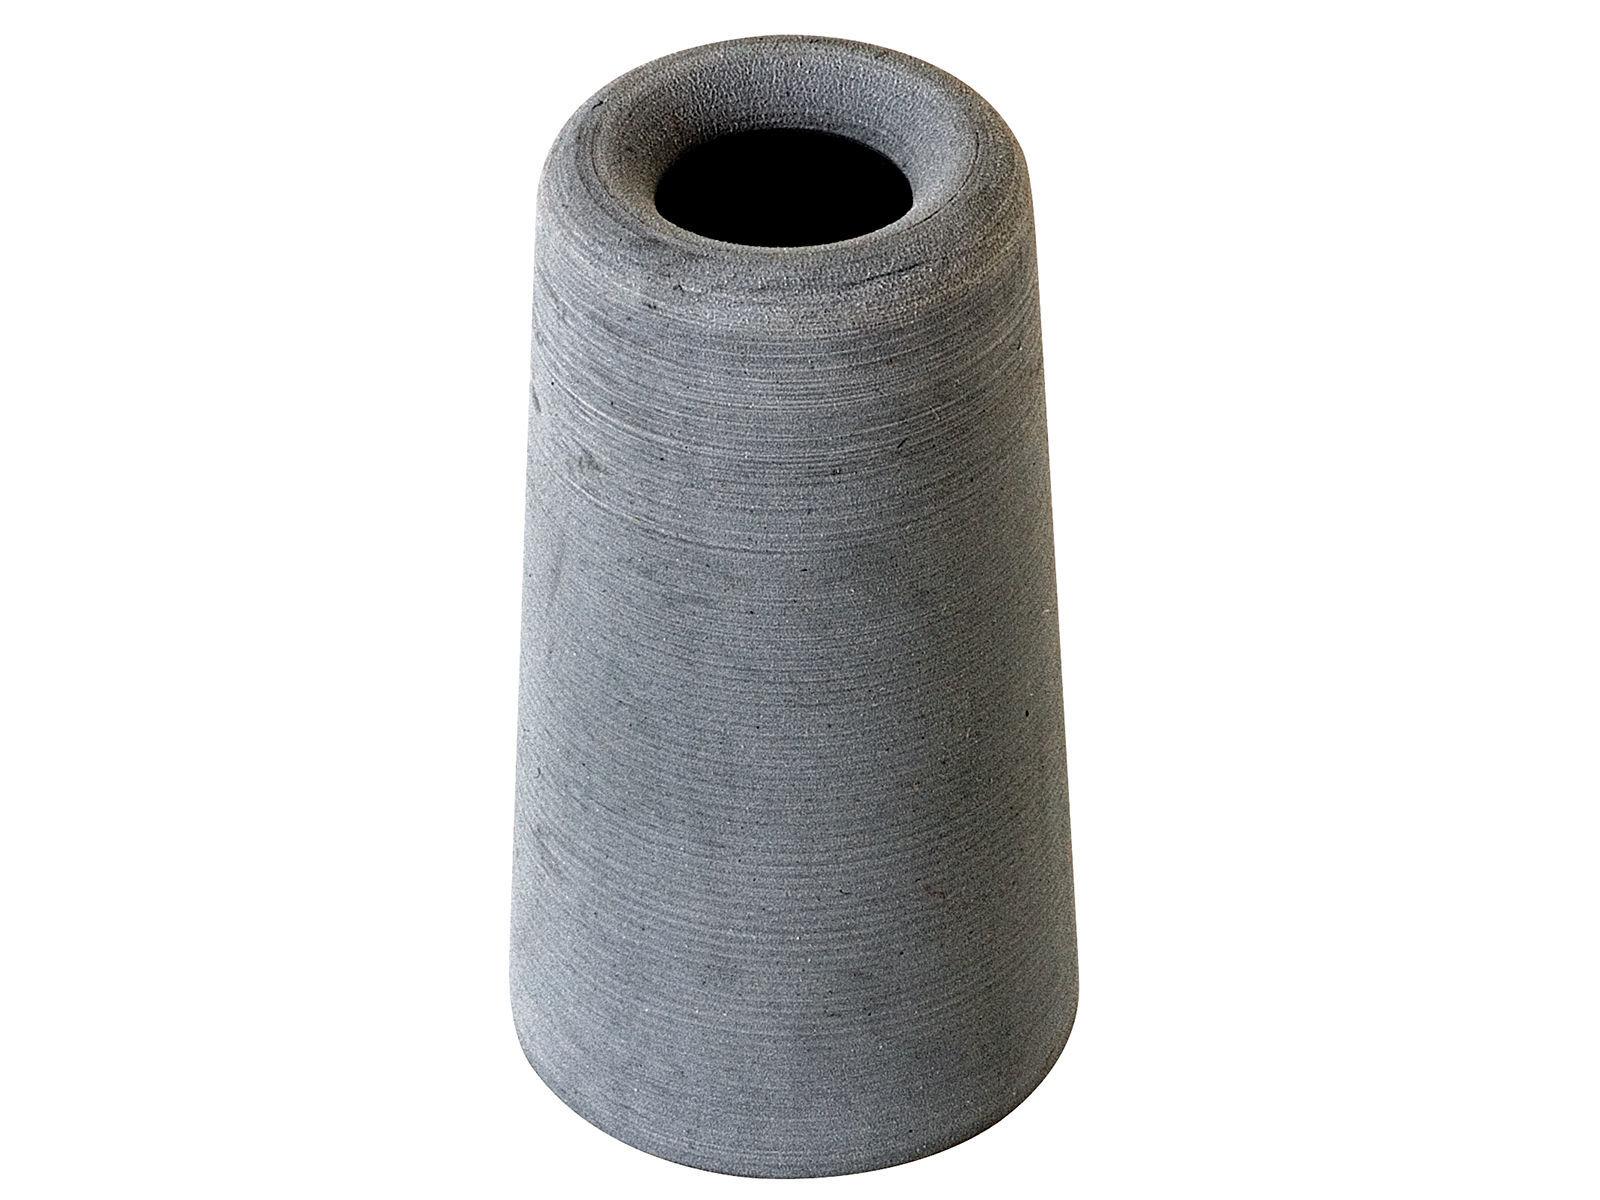 Bilde av Dørstopper gummi/grå Ø38 - 65 mm